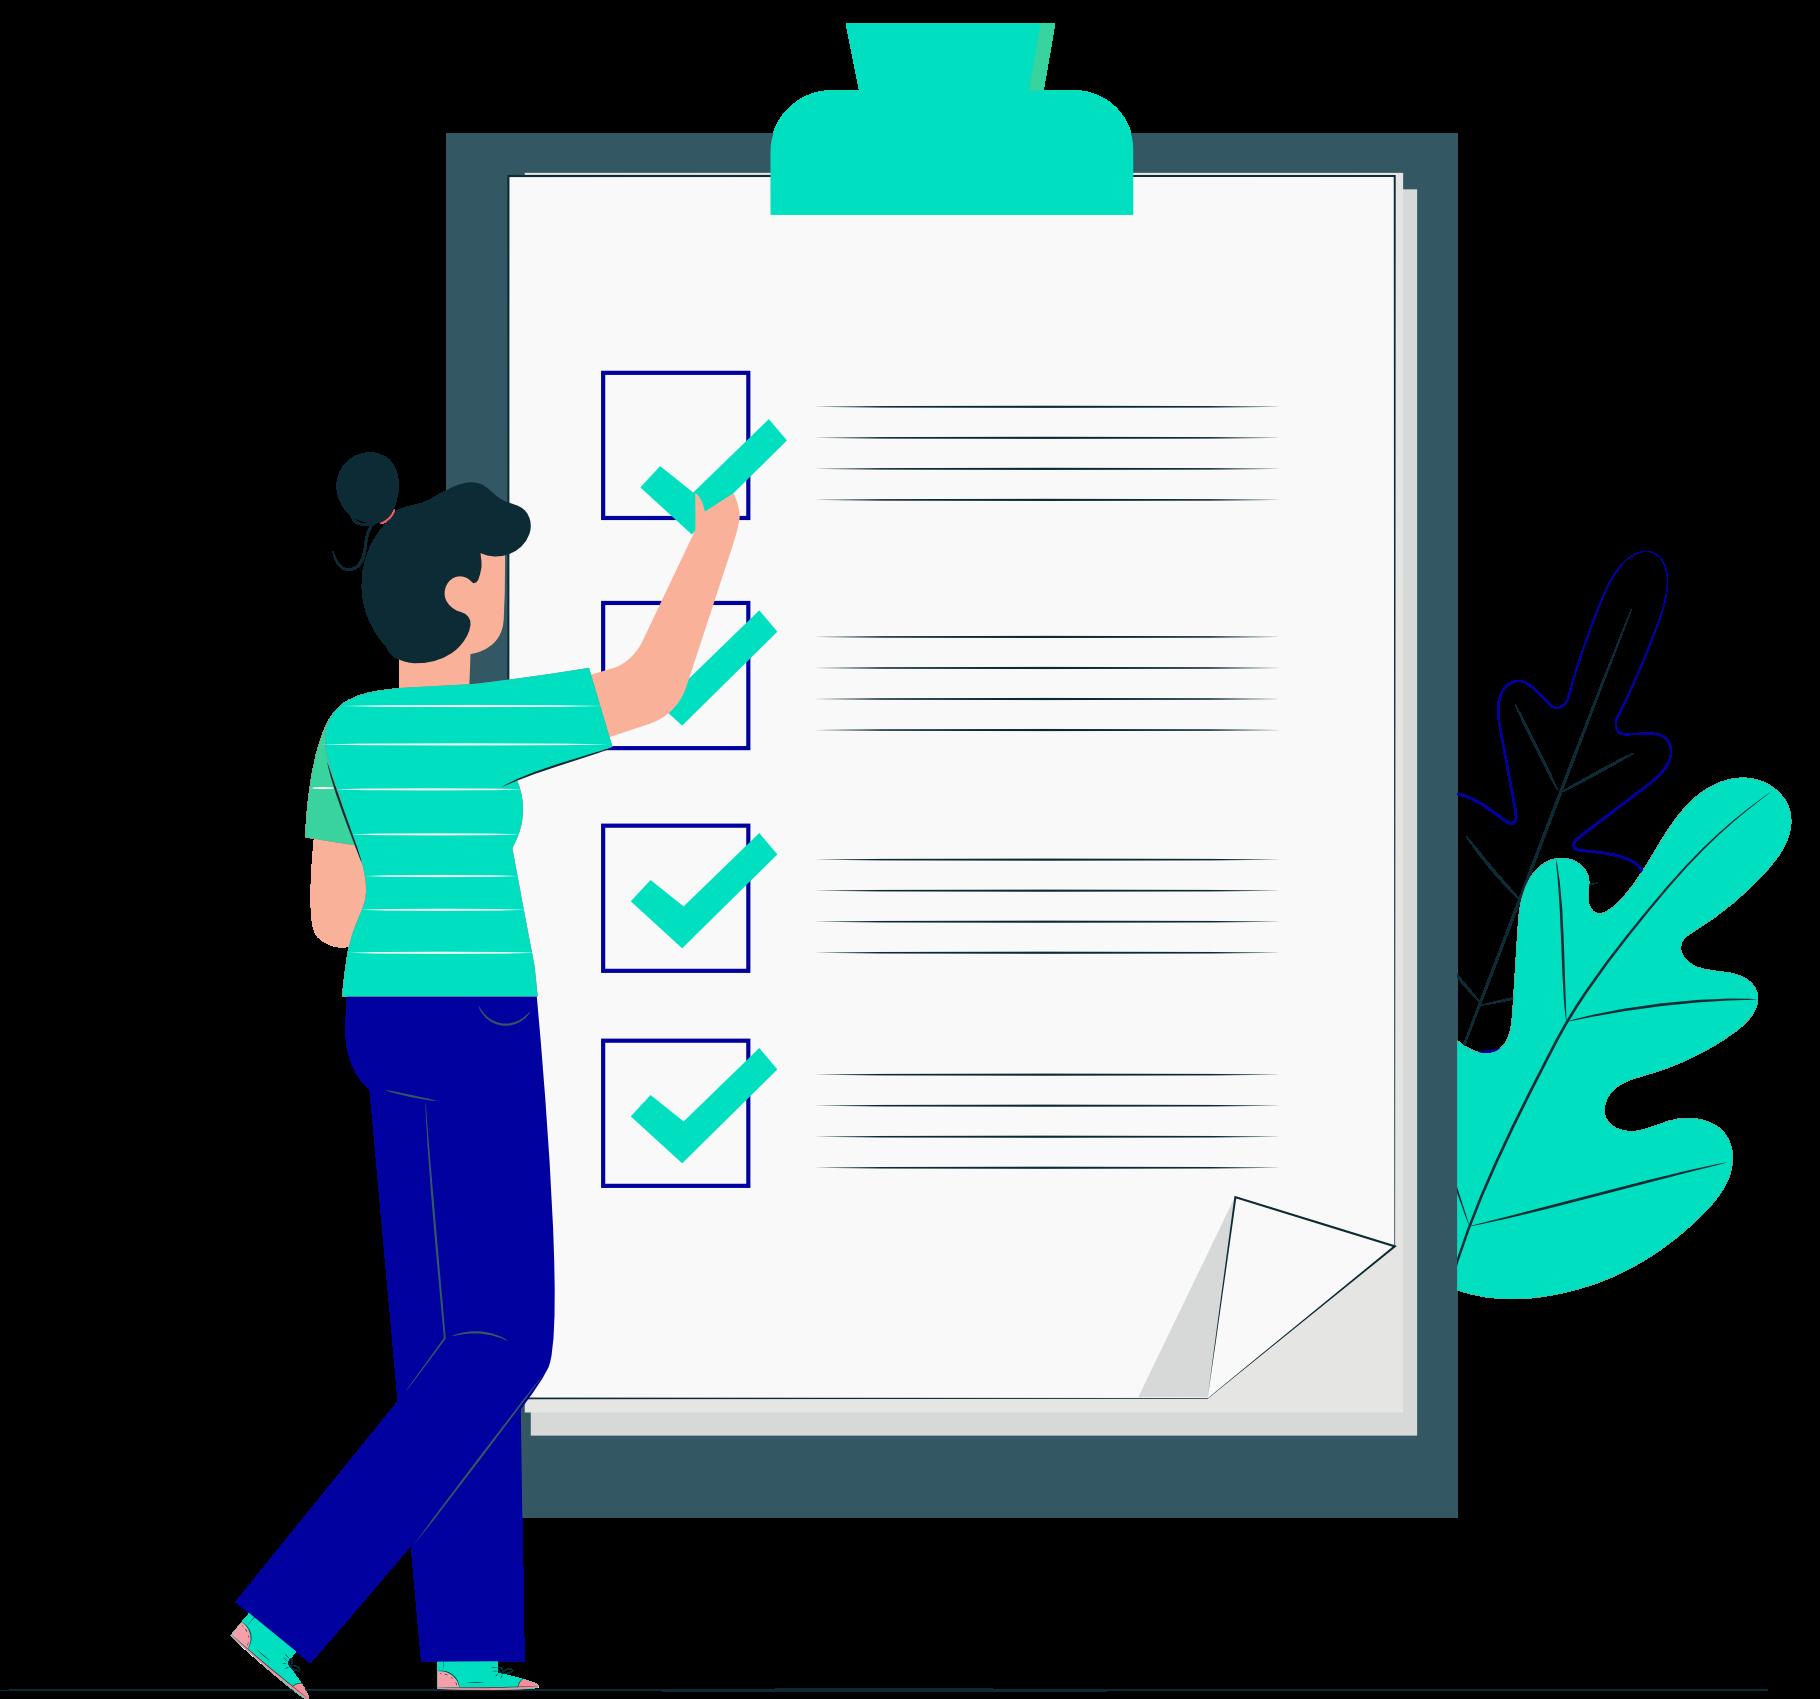 Checklist guide